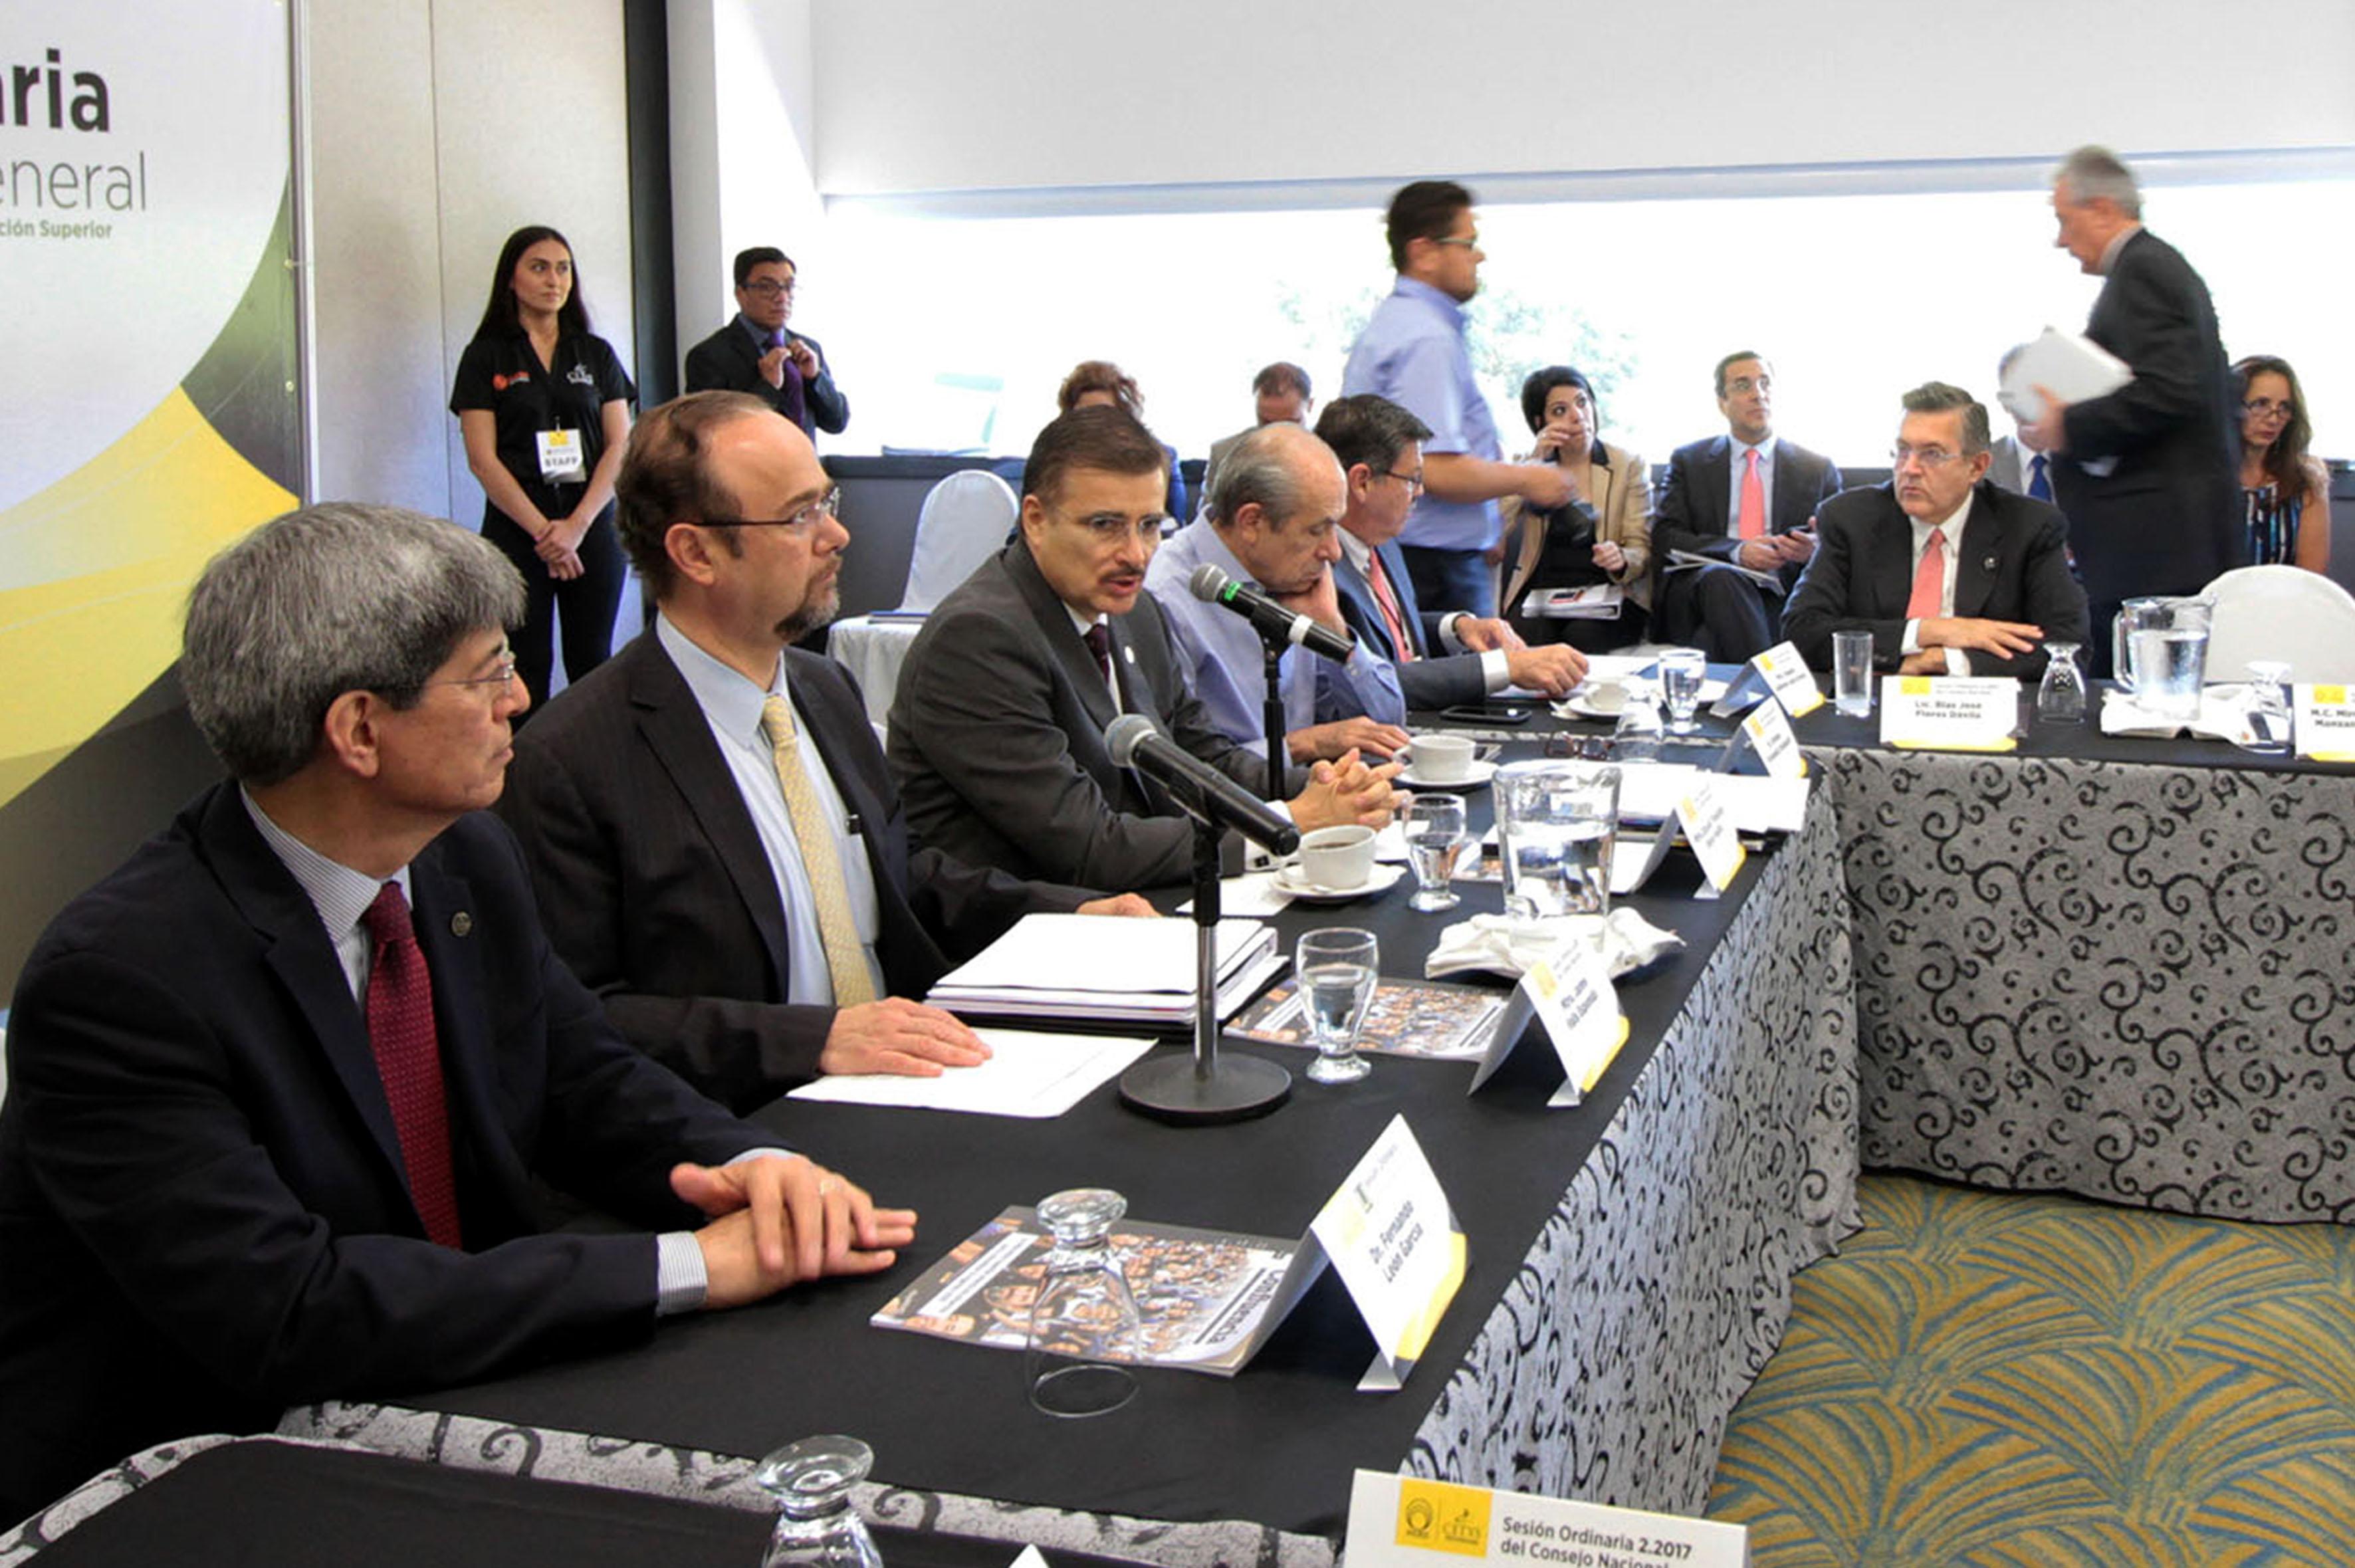 Maestro Itzcóatl Tonatiuh Bravo Padilla, Rector General de la Universidad de Guadalajara, haciendo uso de la palabra.